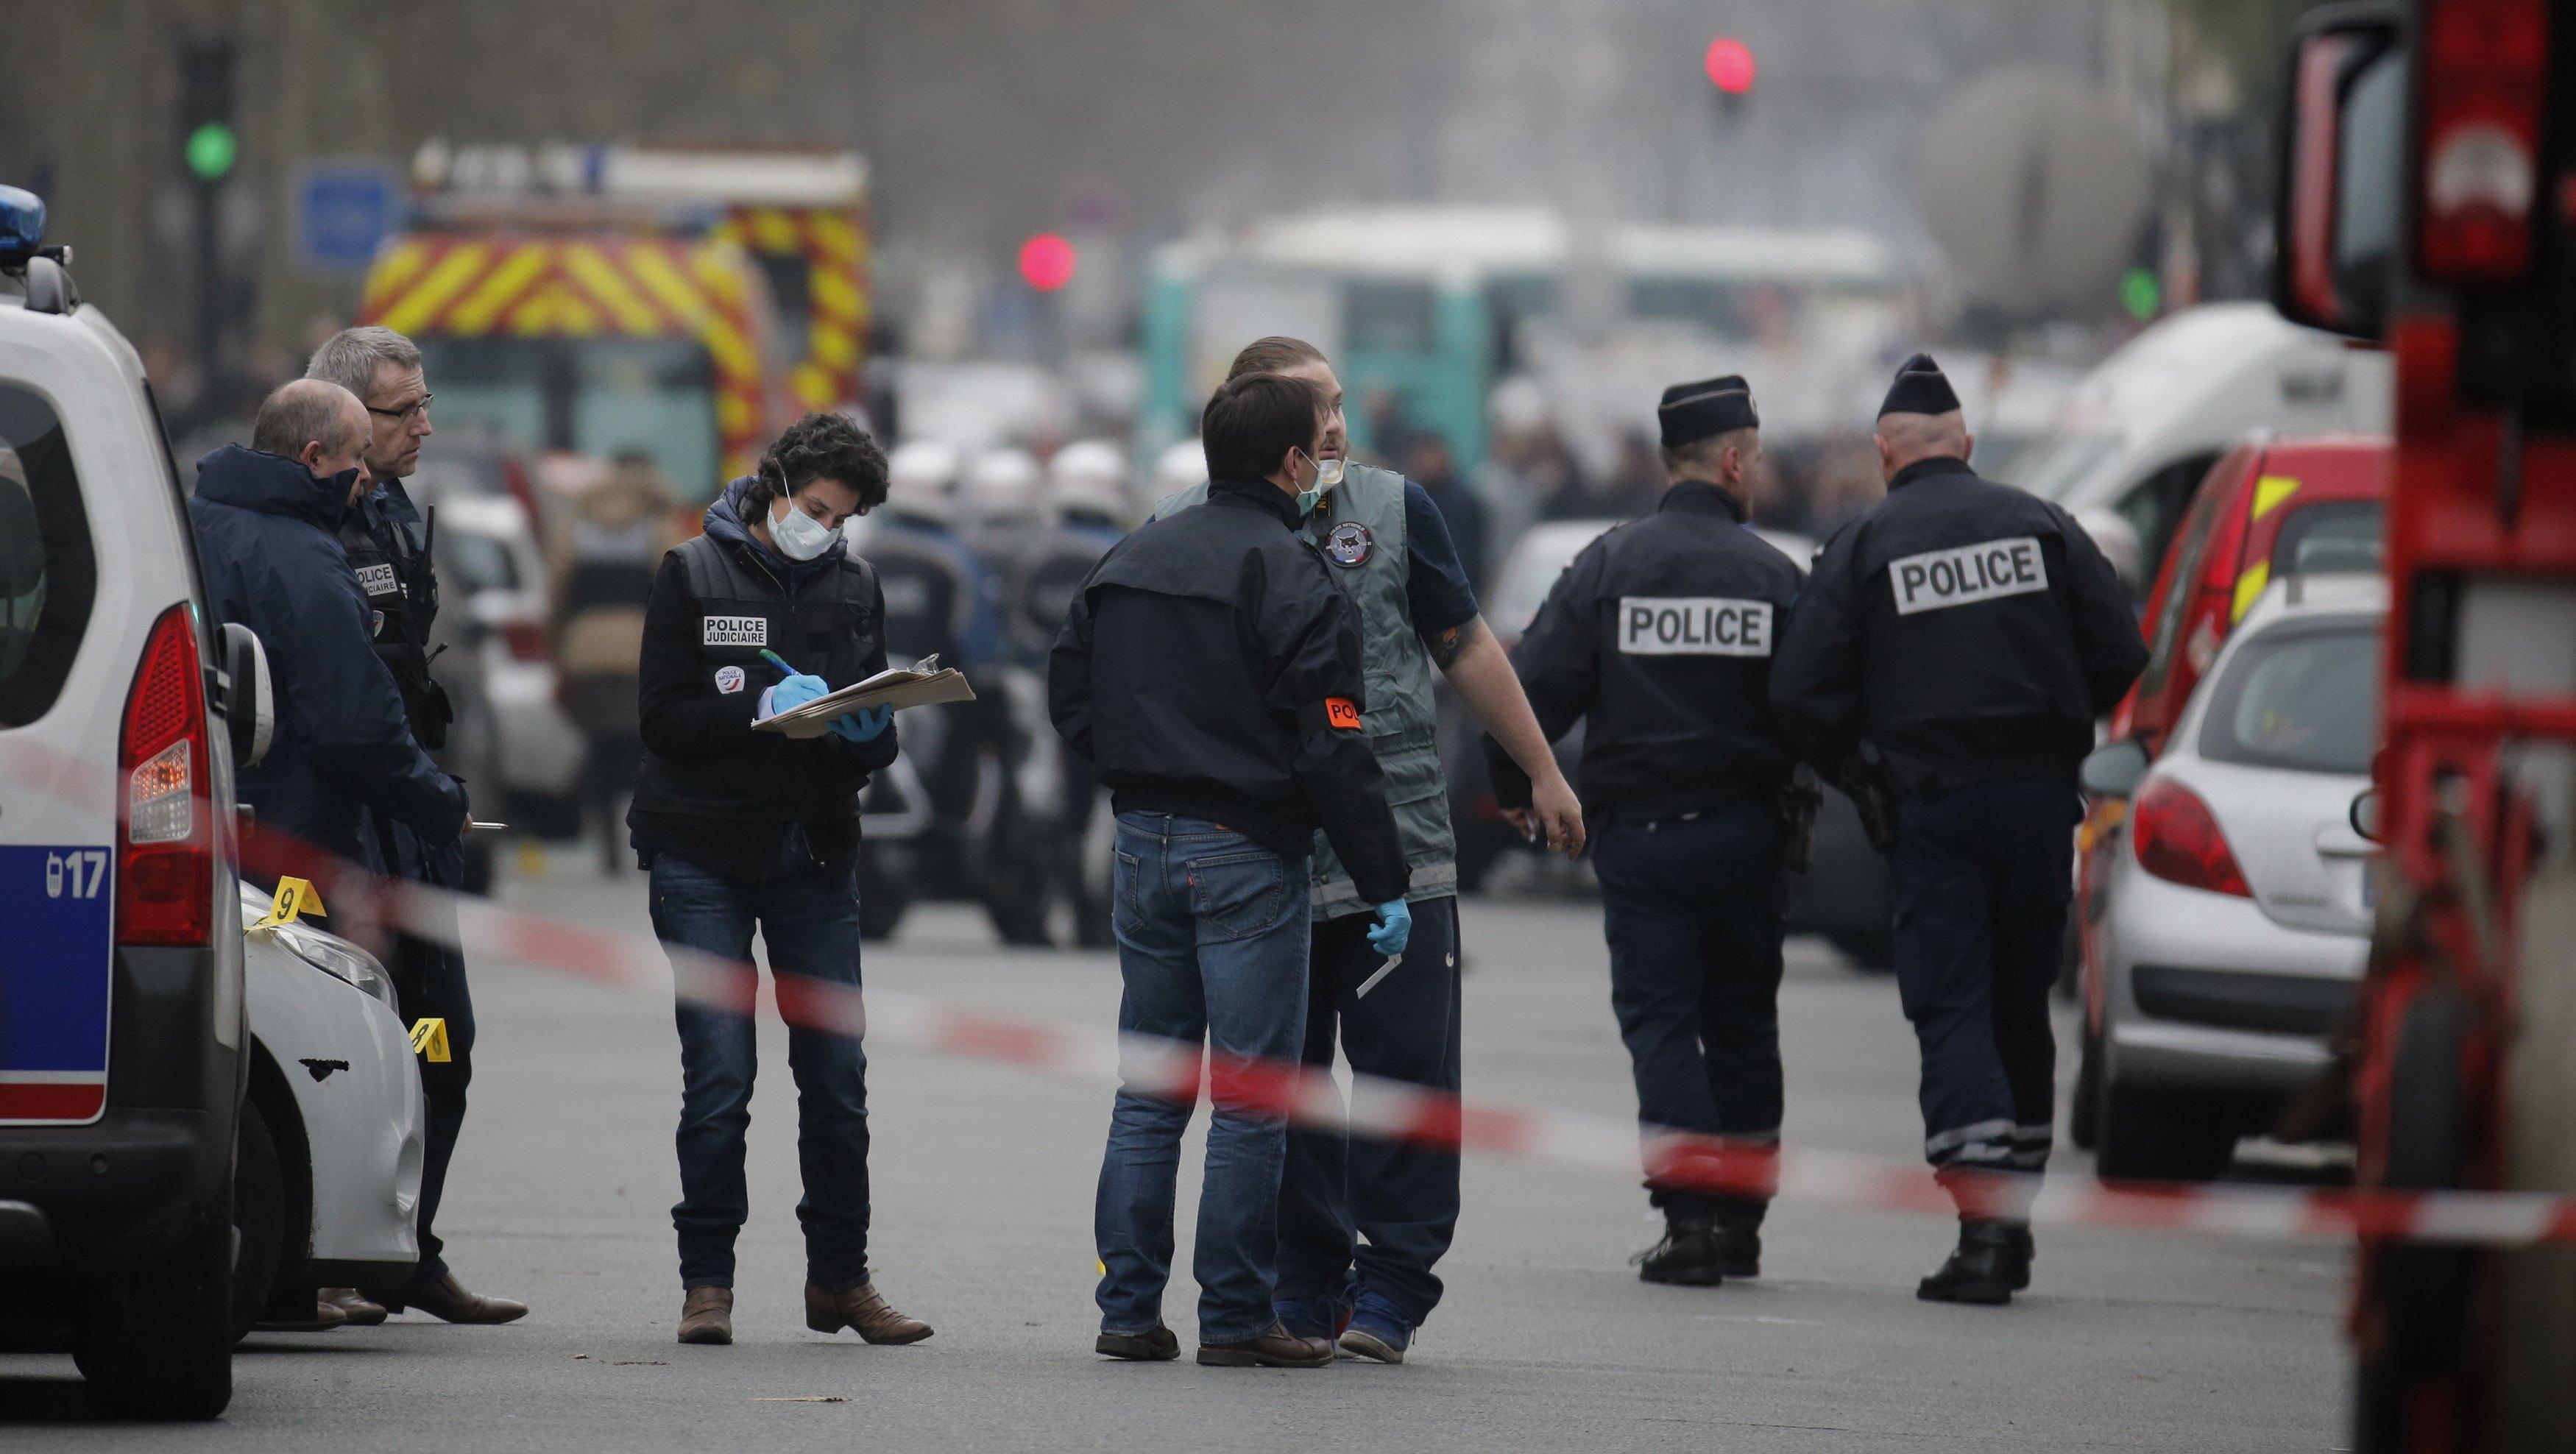 ارتفاع عدد ضحايا هجمات باريس إلى 142 قتيلا وإدانة عربية ودولية